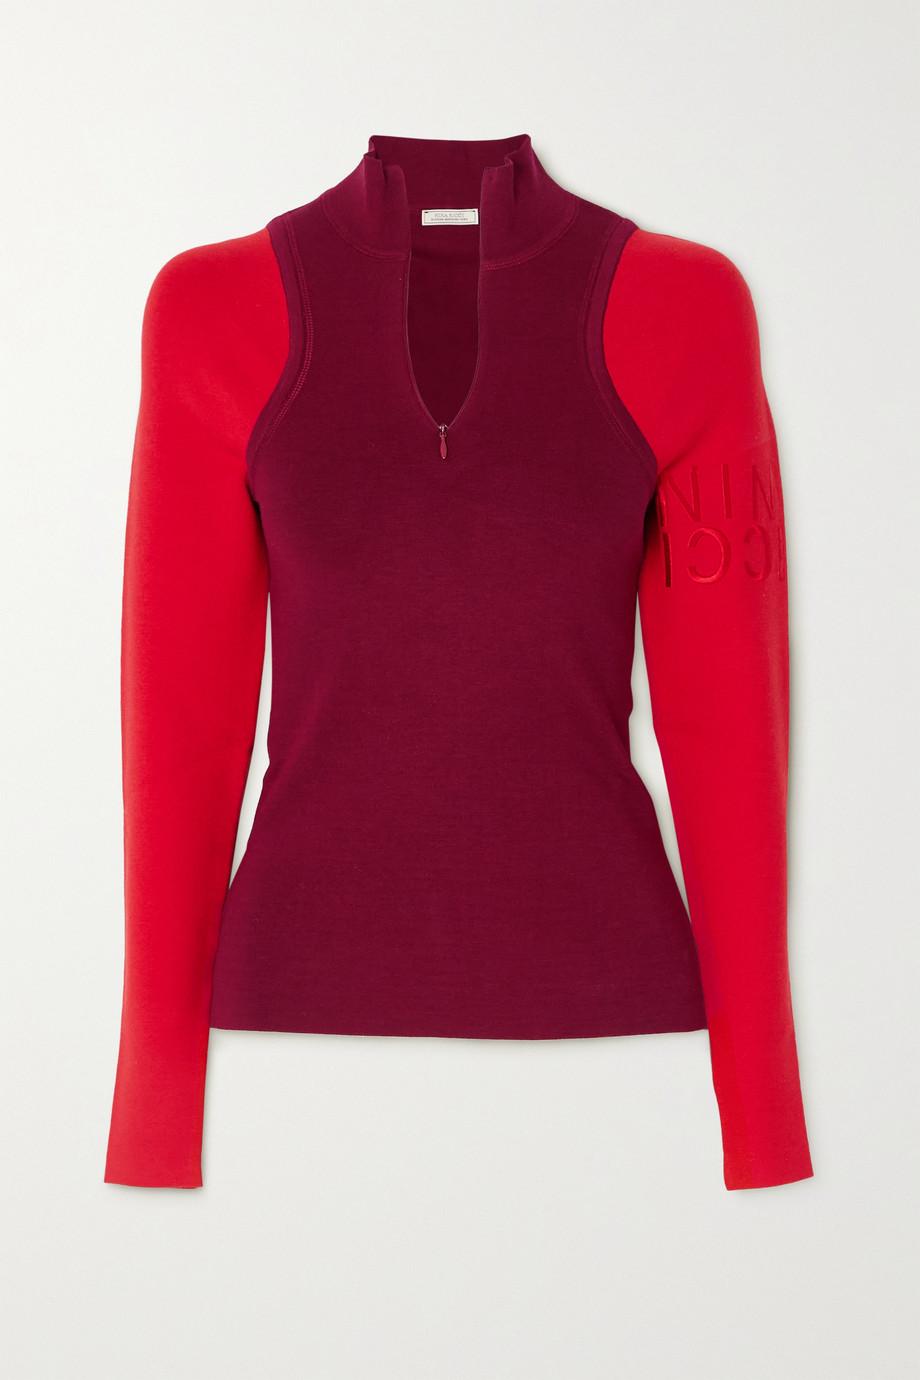 Nina Ricci Zweifarbiger Pullover aus einer Stretch-Seidenmischung mit Stickerei